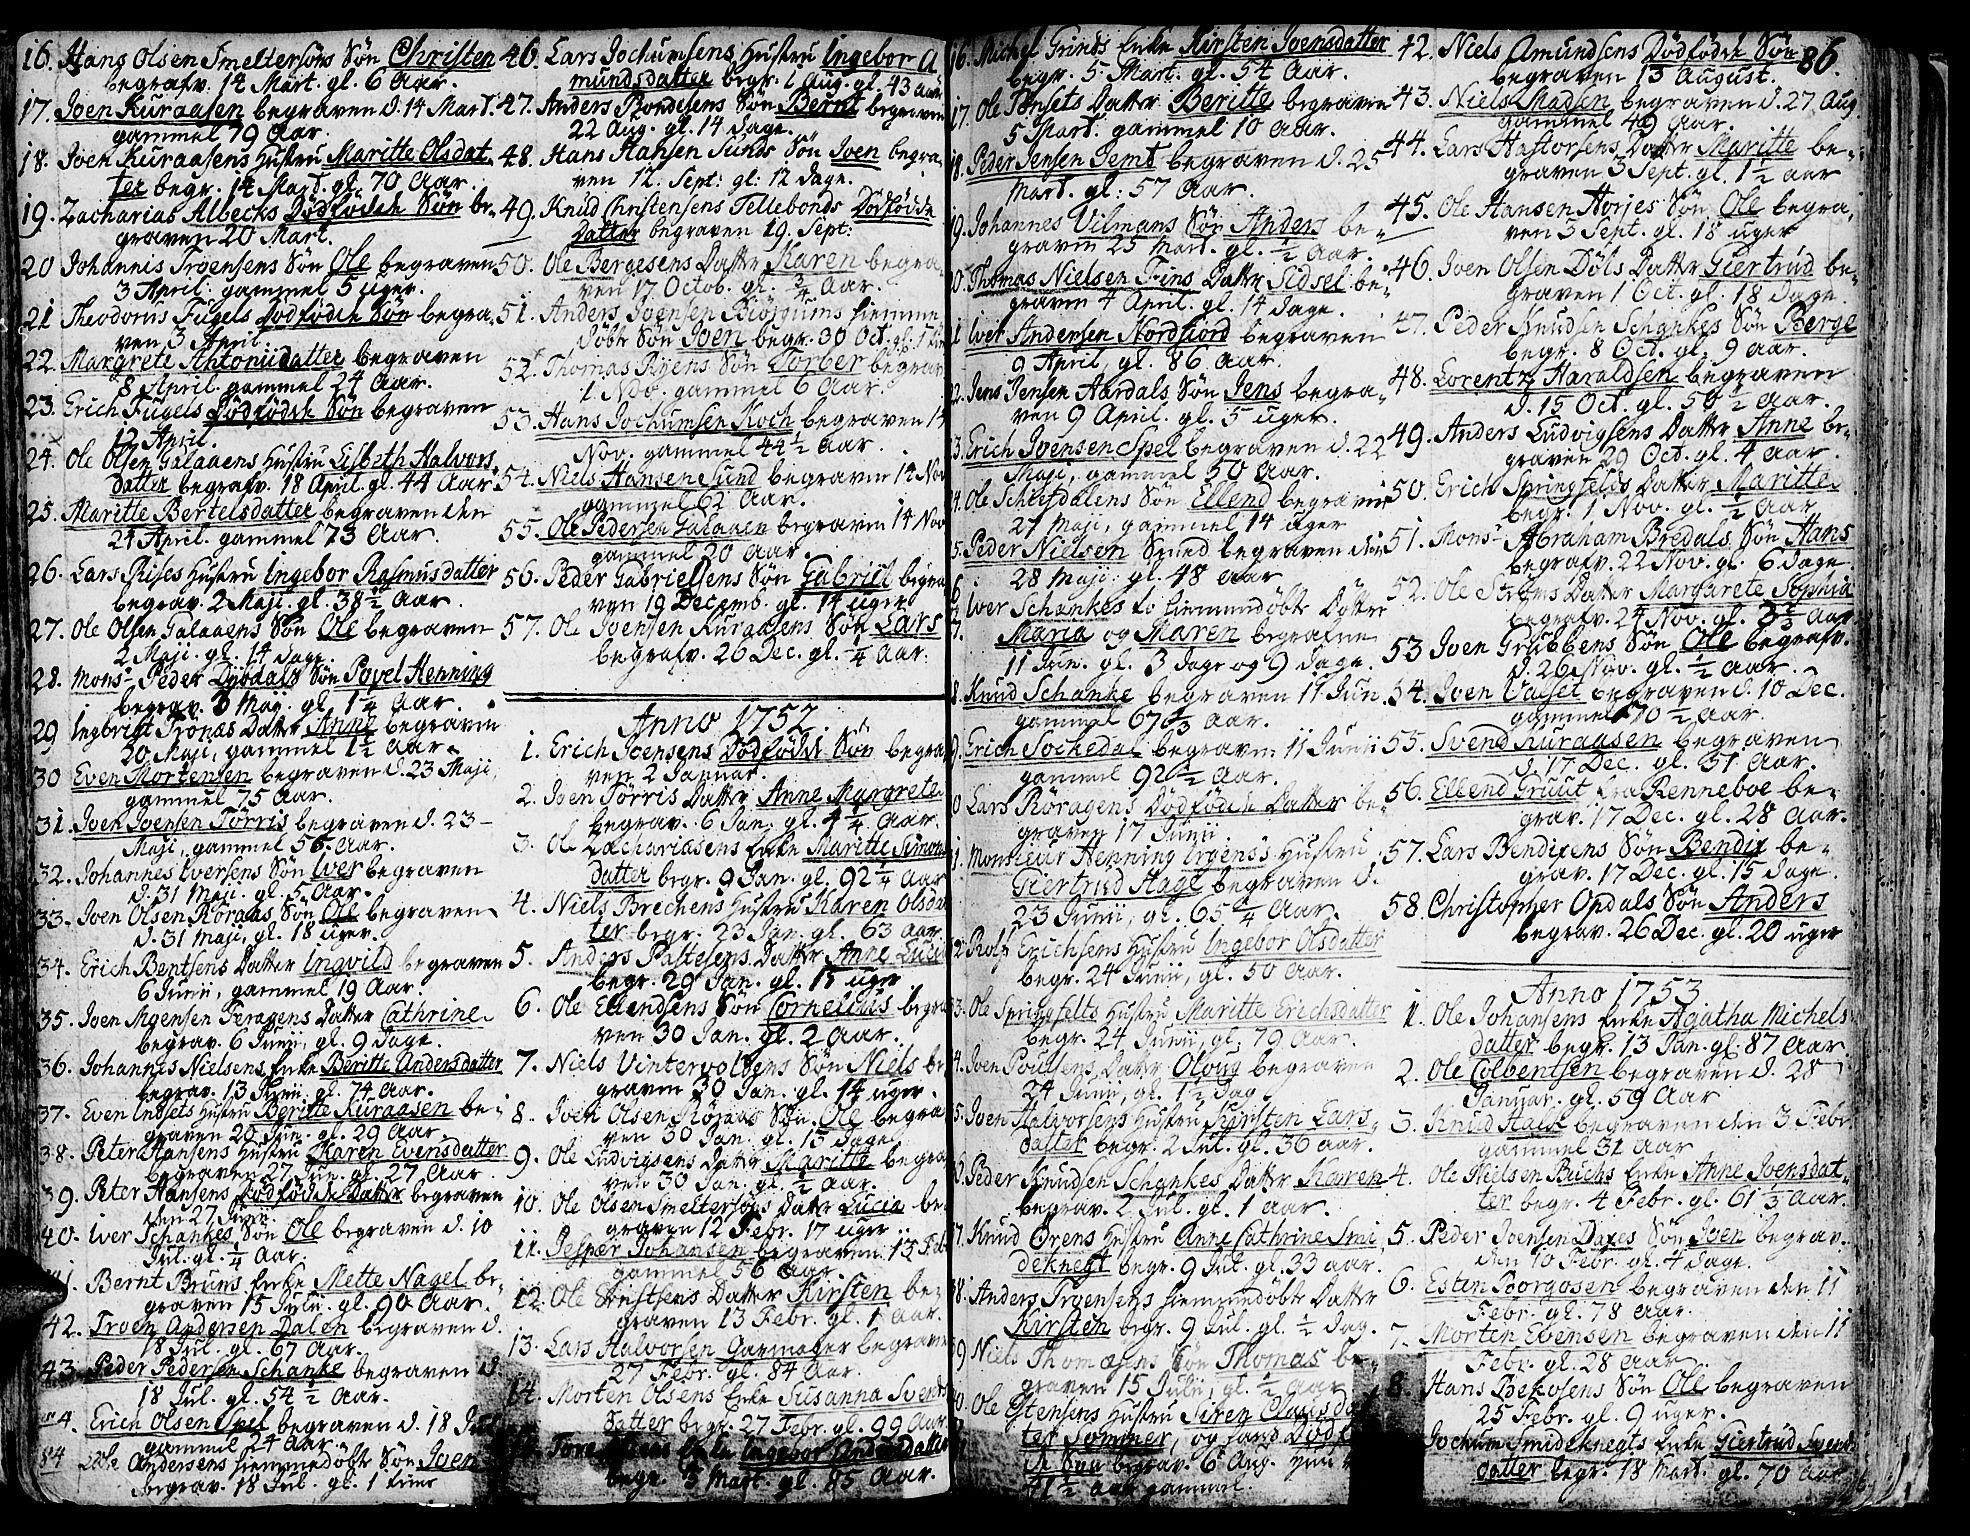 SAT, Ministerialprotokoller, klokkerbøker og fødselsregistre - Sør-Trøndelag, 681/L0925: Ministerialbok nr. 681A03, 1727-1766, s. 86